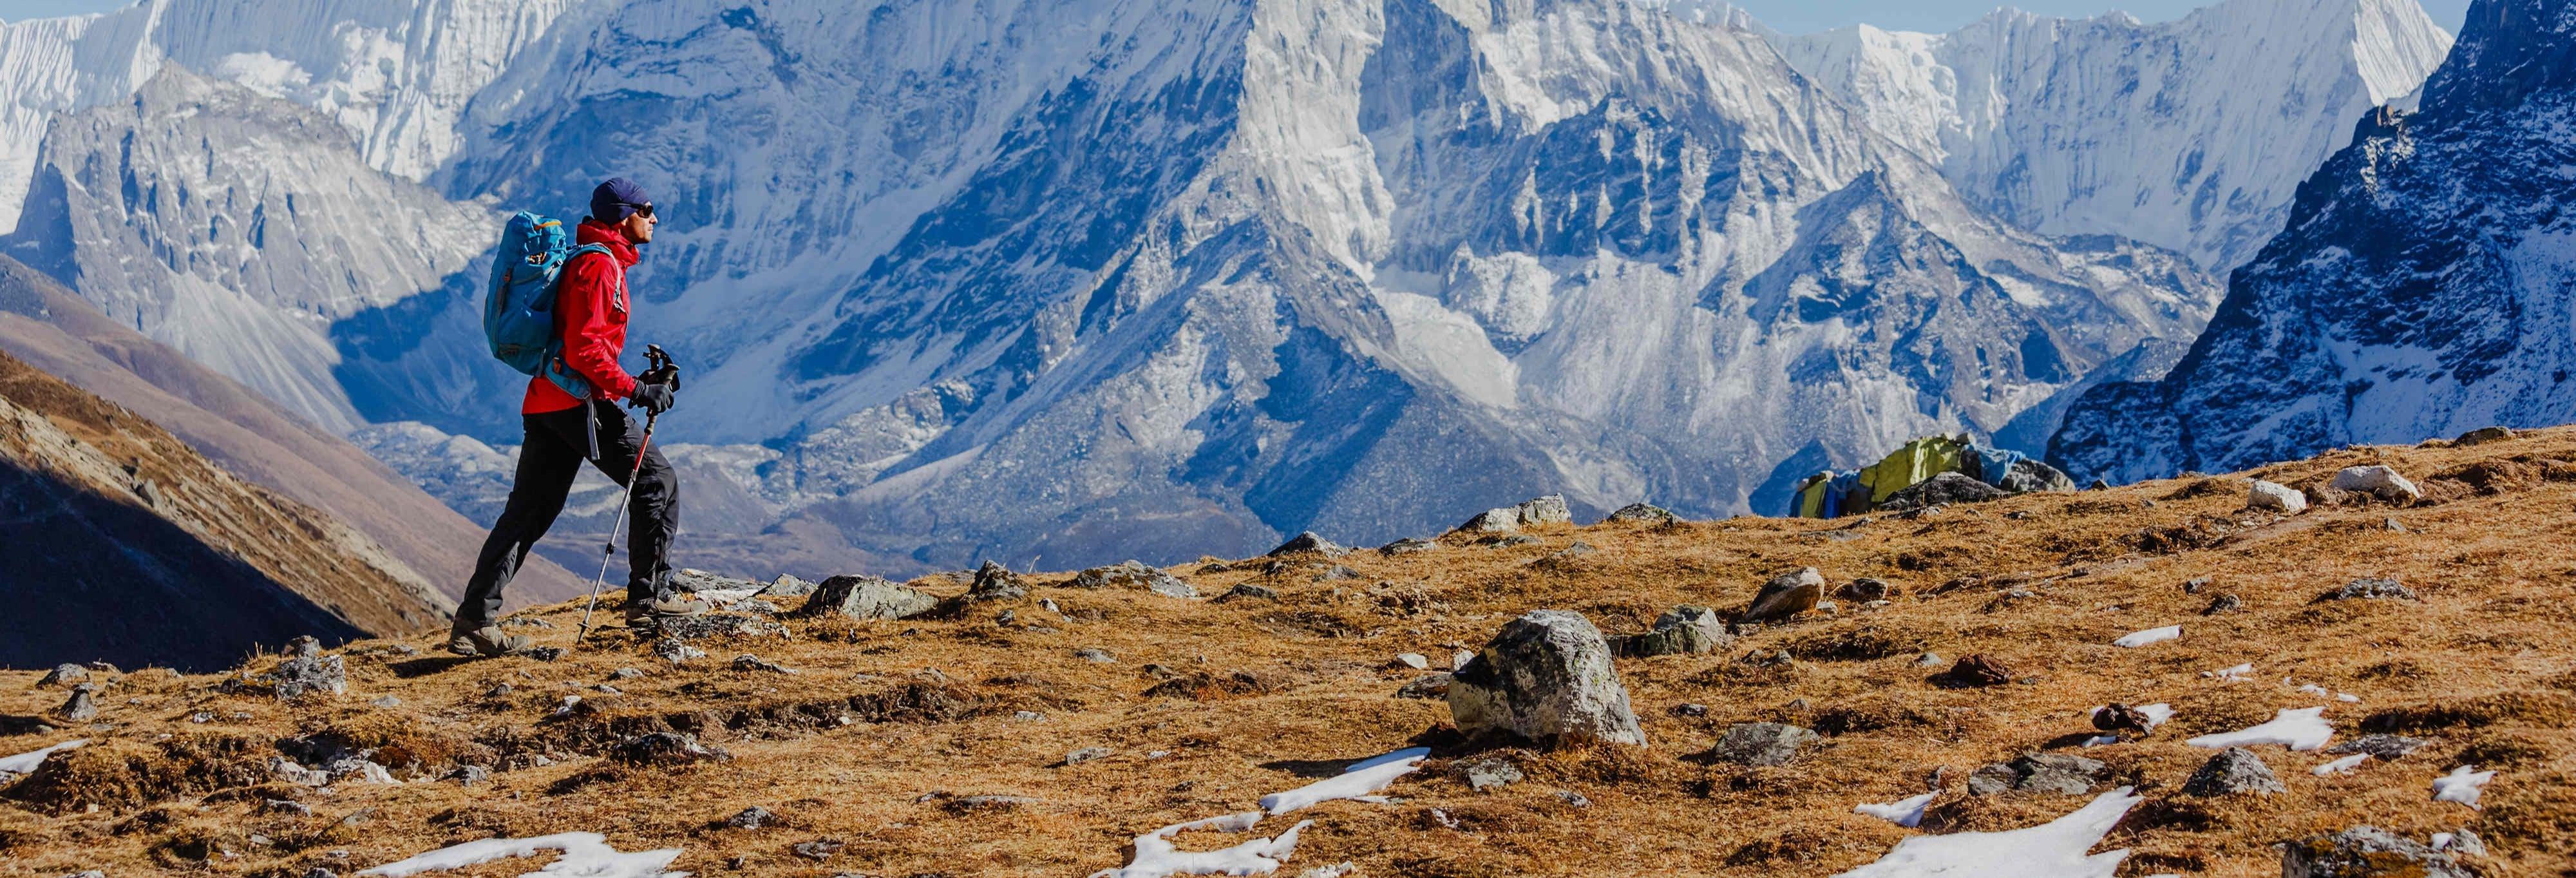 Trekking de 5 días por el Everest